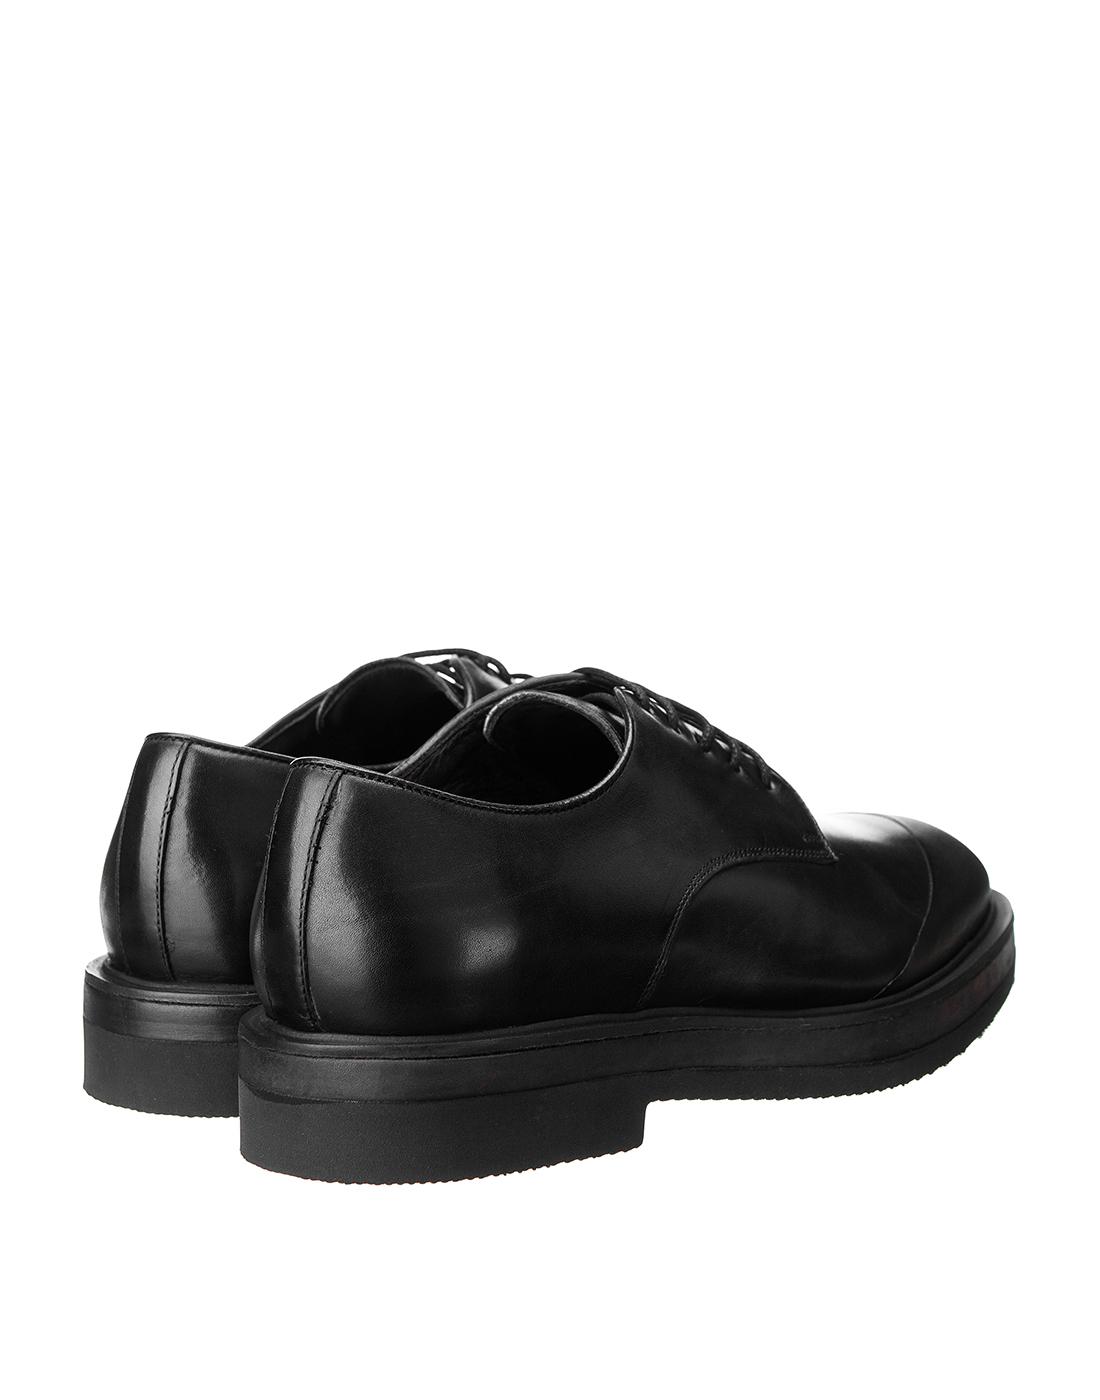 Туфли черные мужские Brecos S8192-3